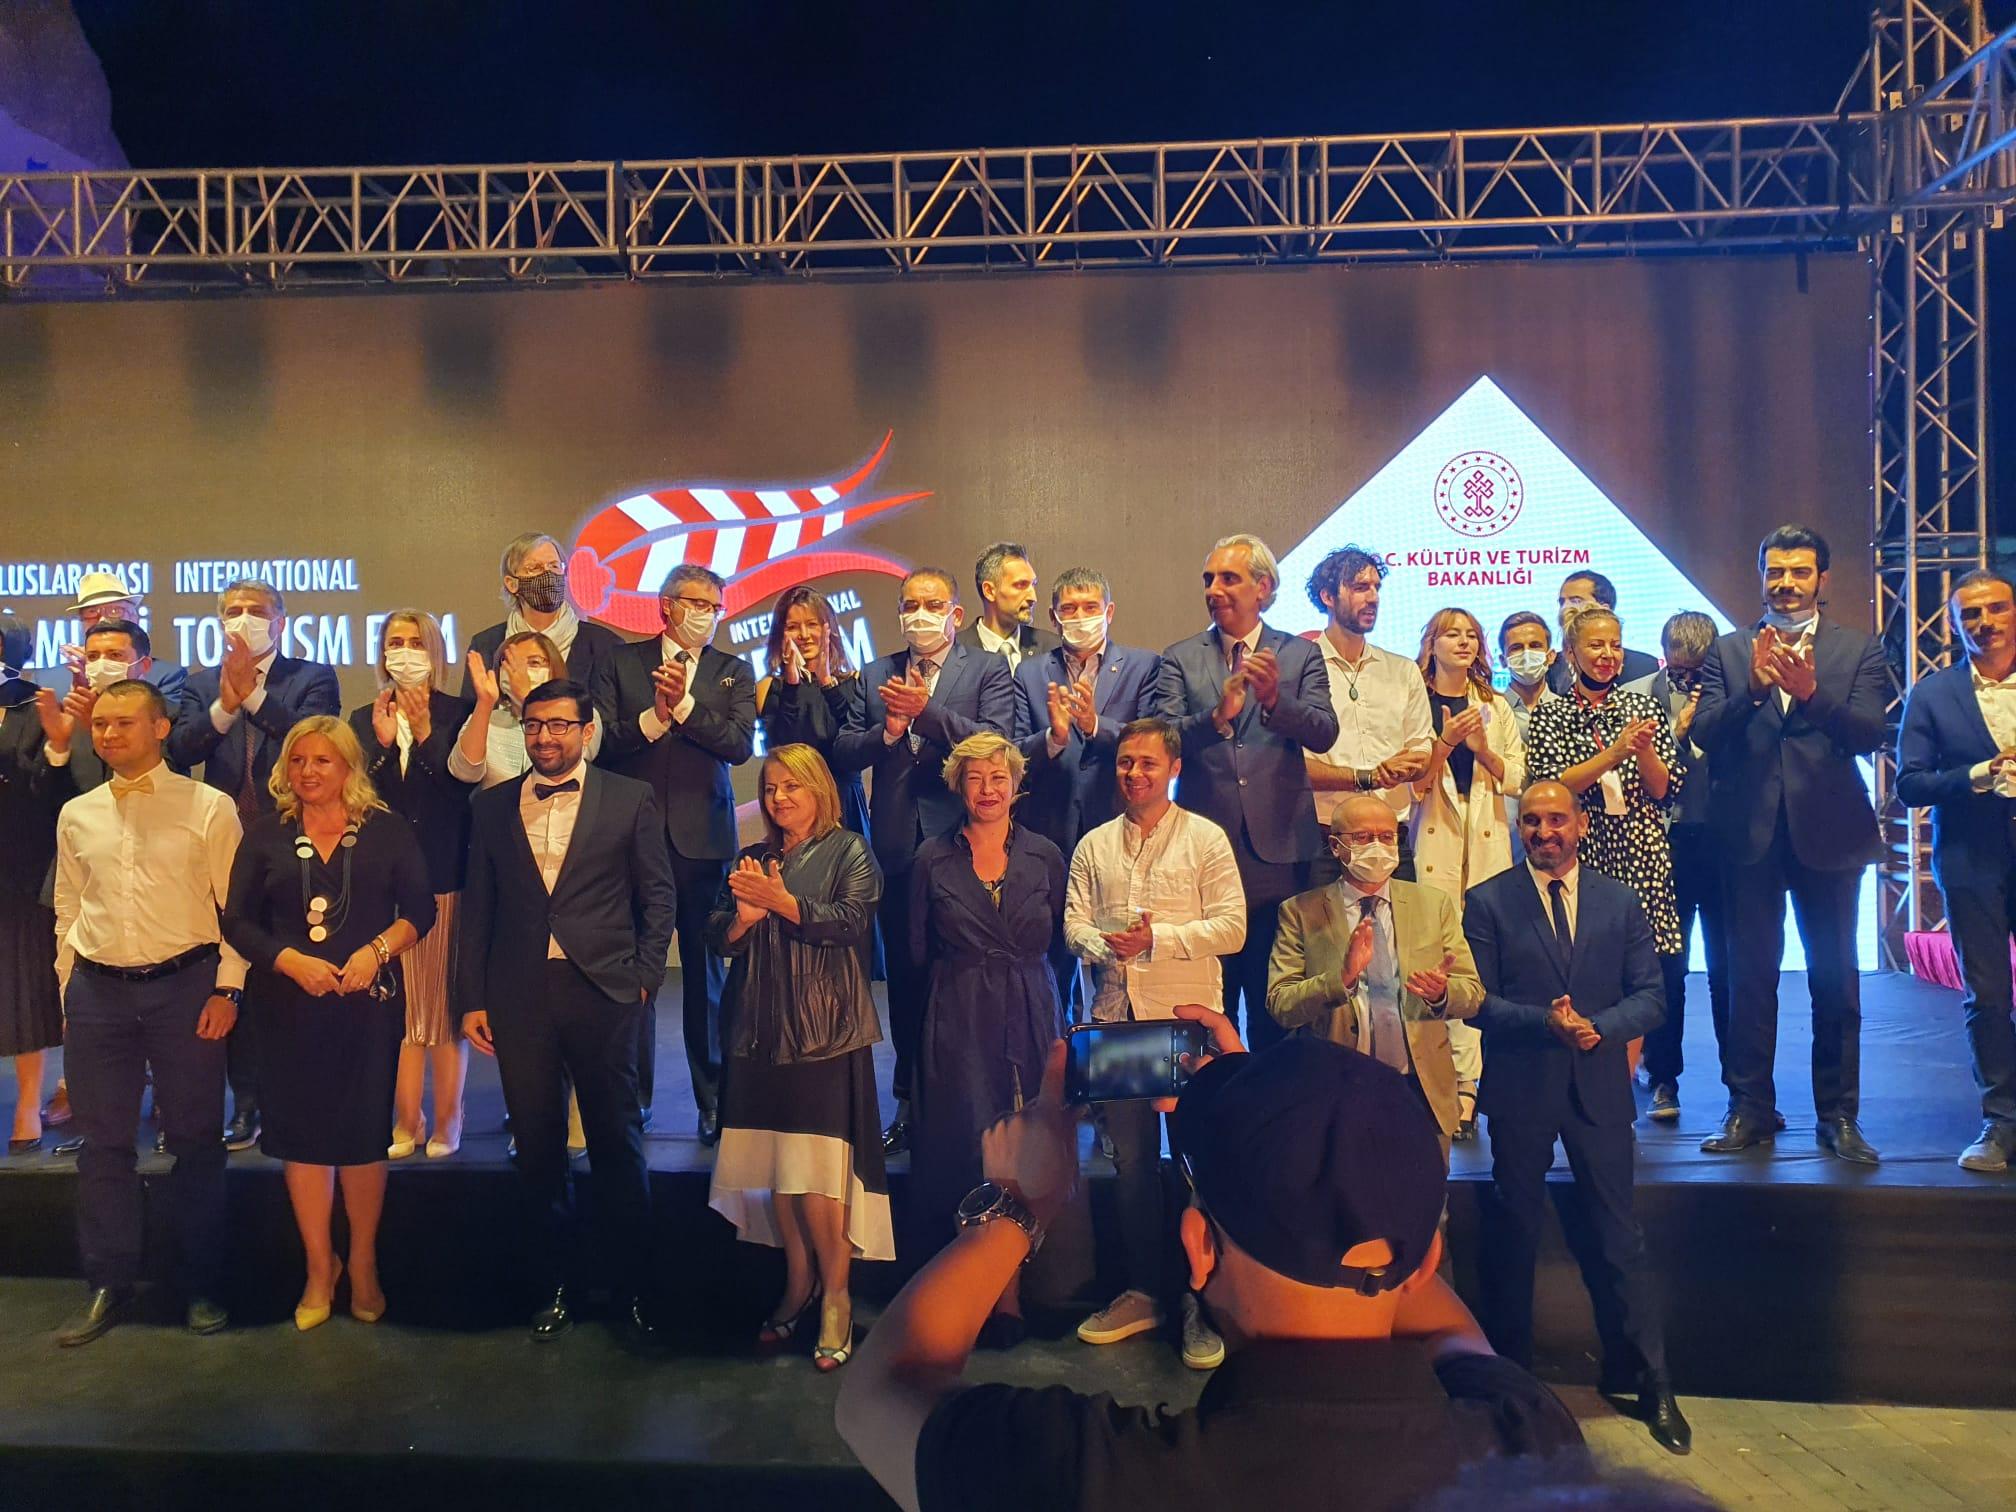 Premio de Oro al Mejor Producto Turístico en el Uluslararası Turizm Filmleri Festivali 3